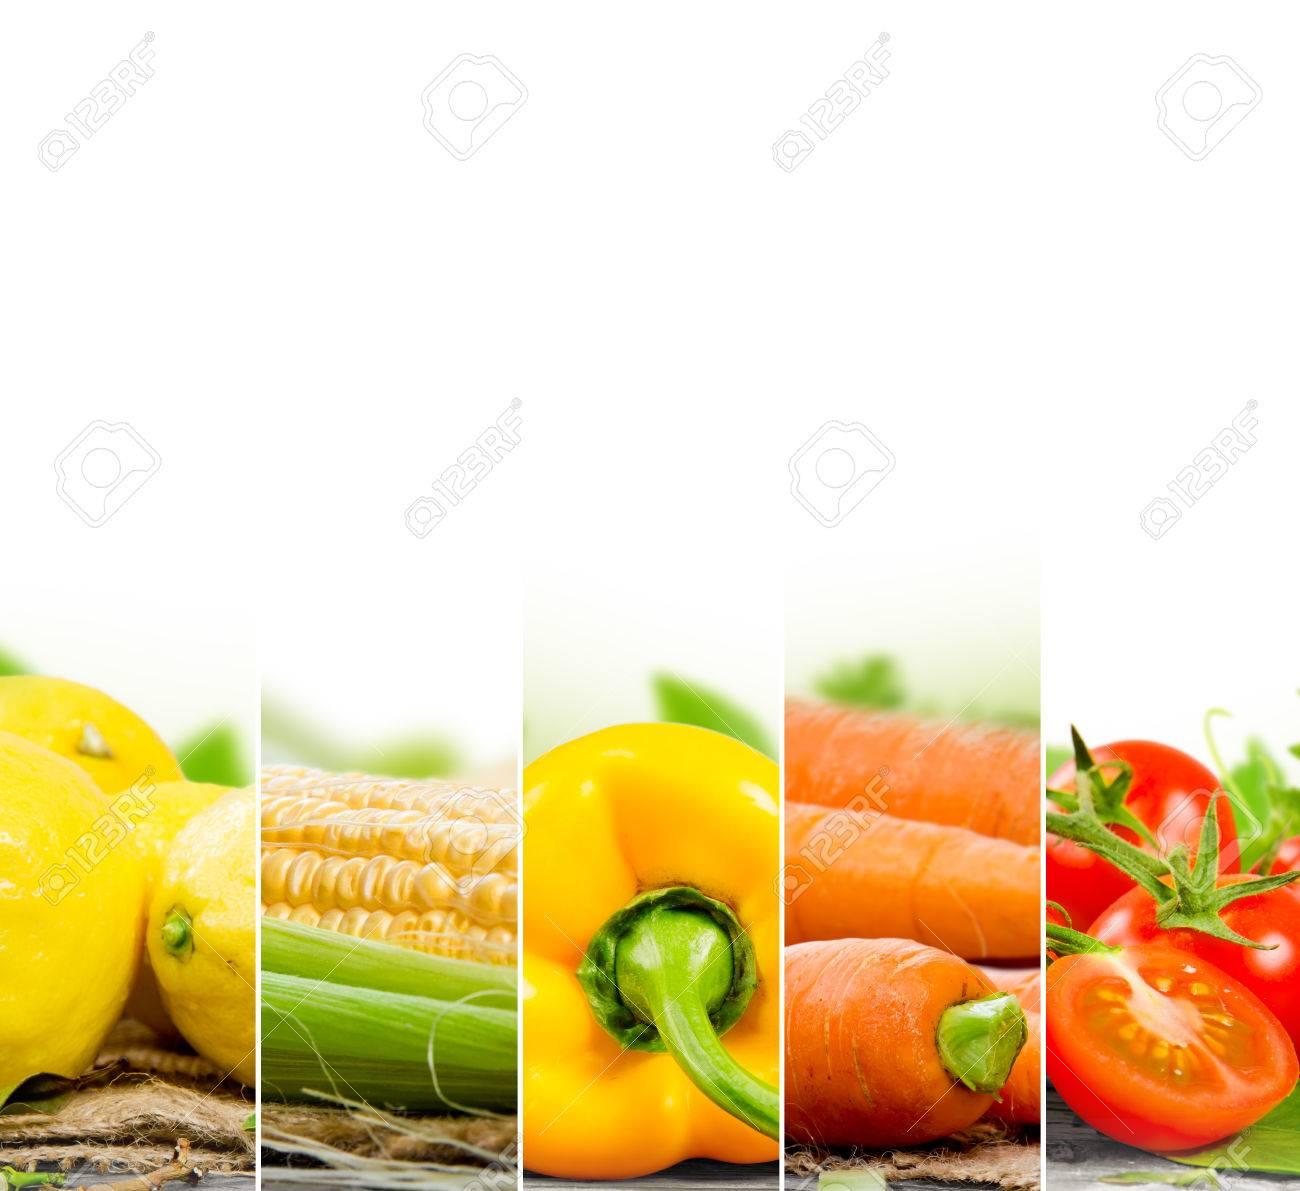 Schön Obst Und Gemüse Zum Färben Fotos - Malvorlagen Von Tieren ...